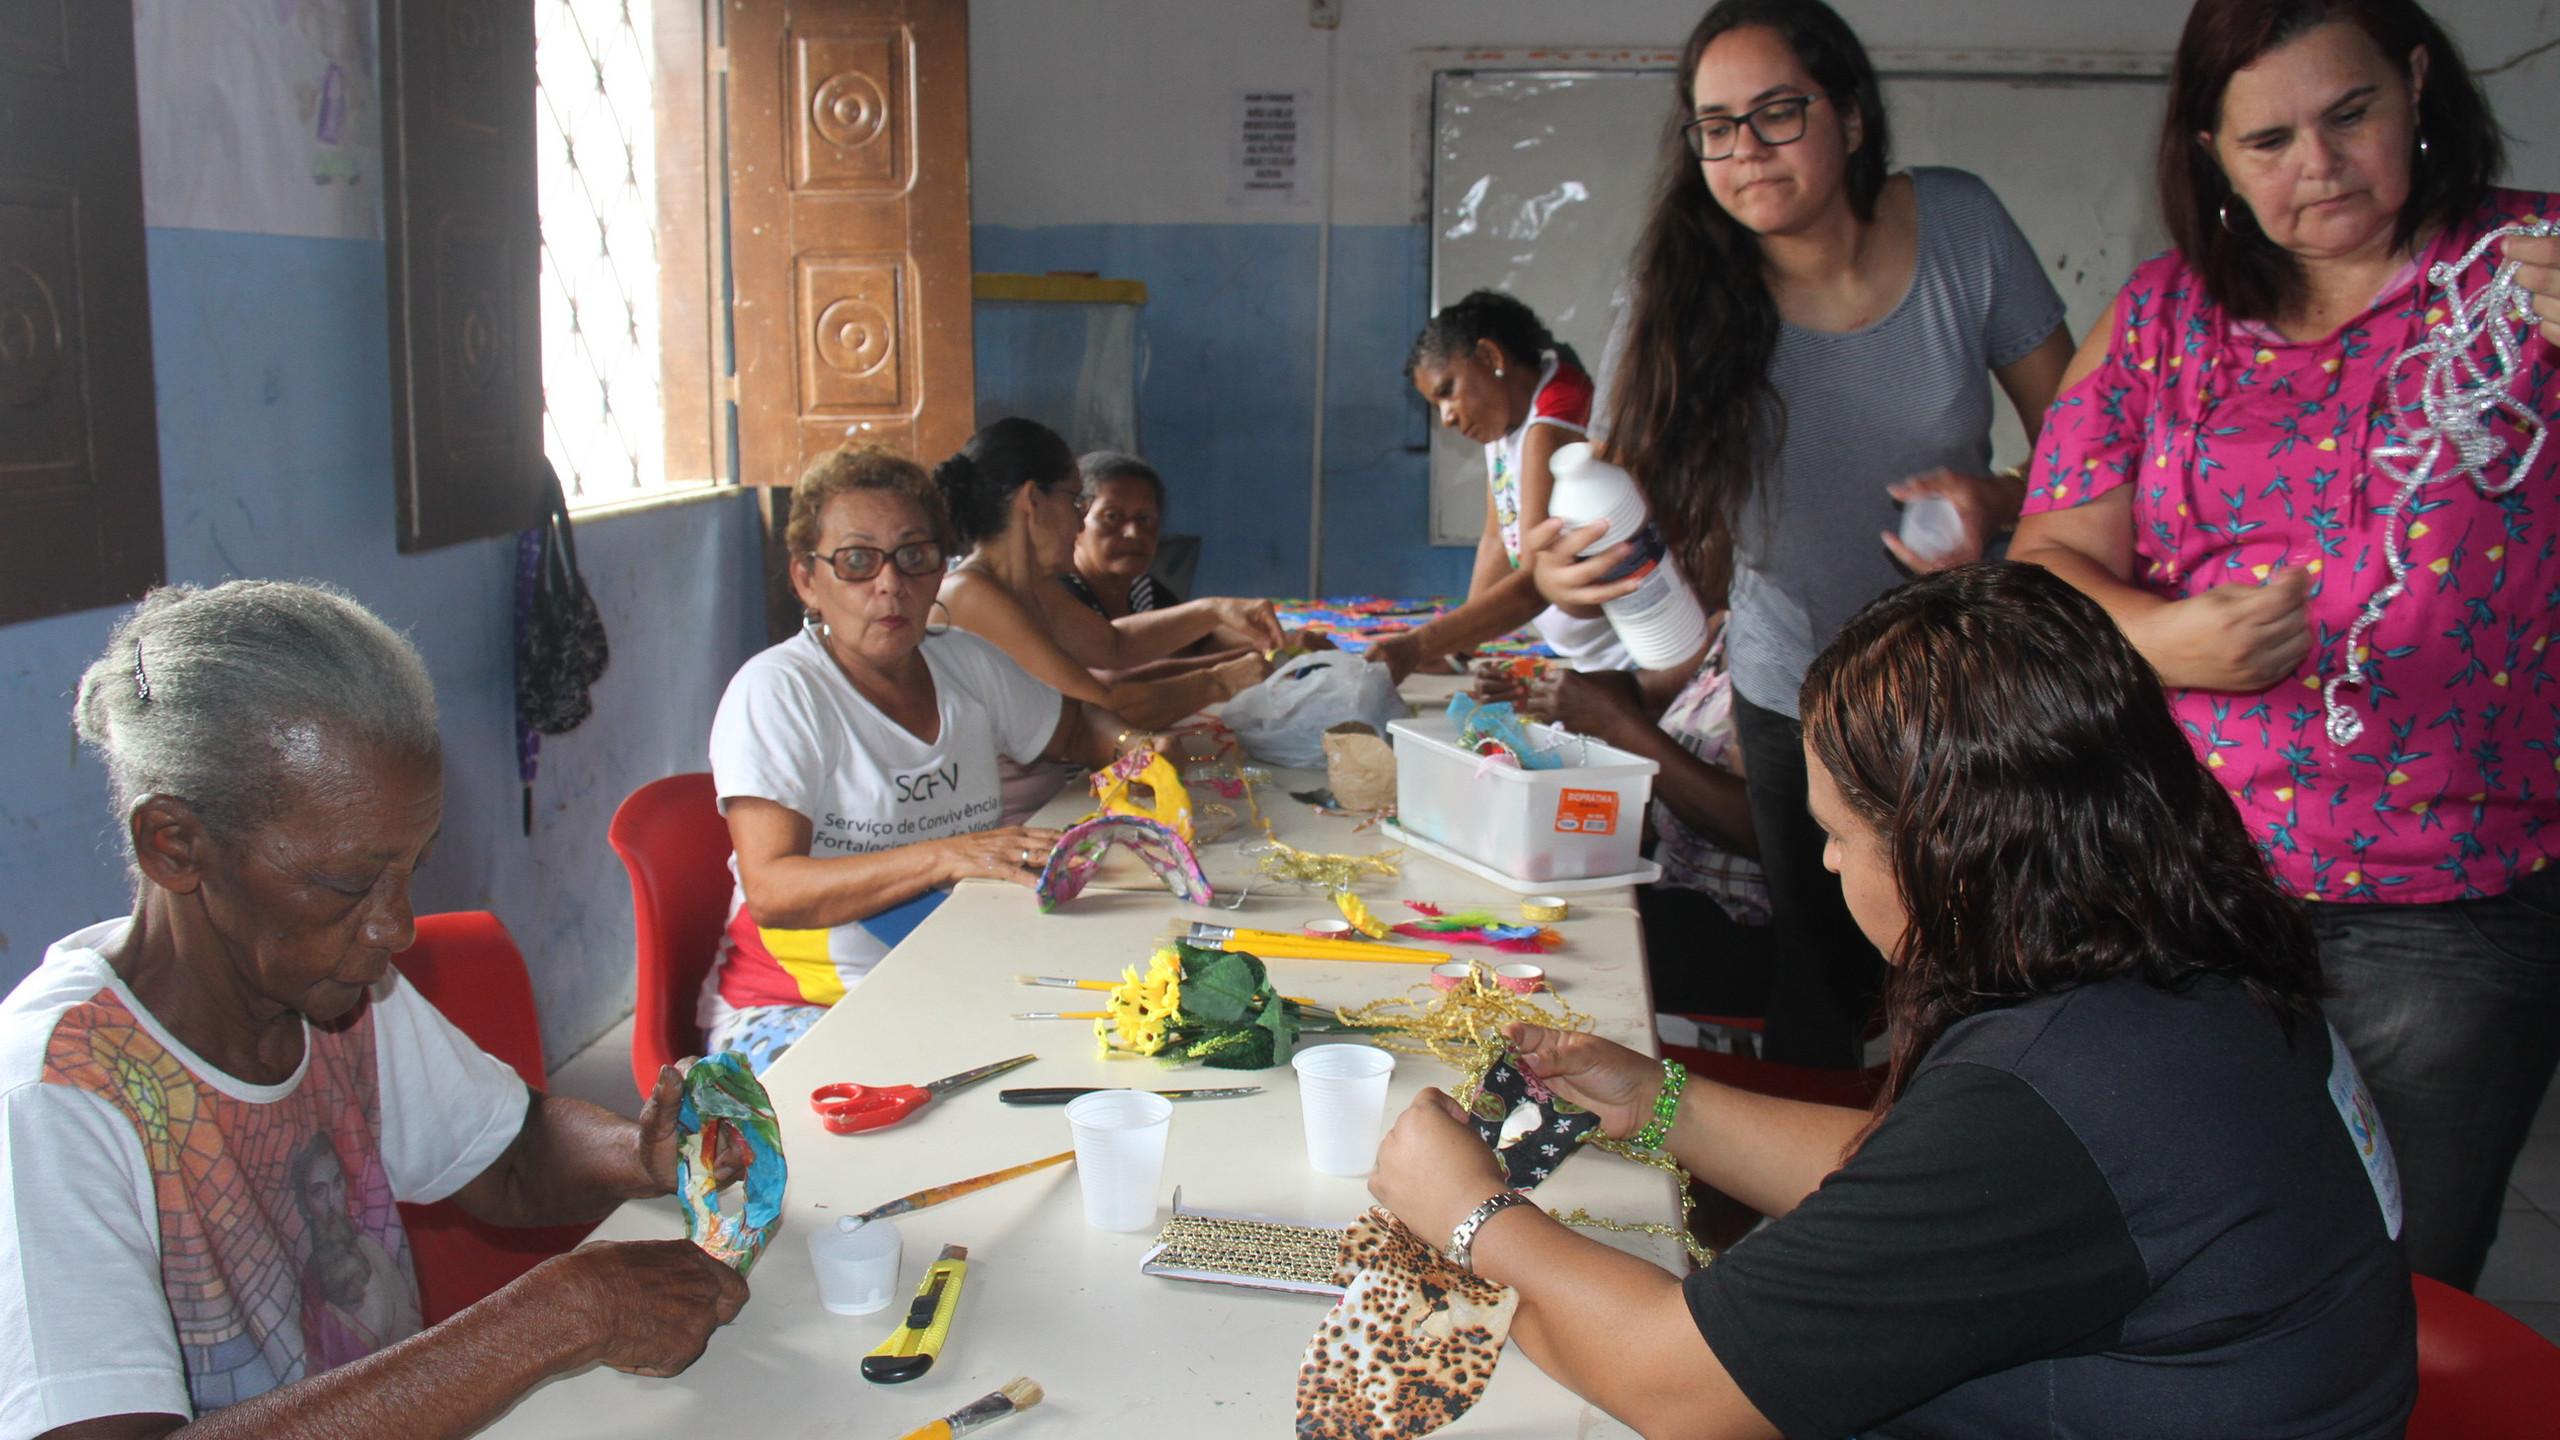 Durante três dias, idosas do bairro Sol e mar aprenderam a confeccionar máscaras carnavalescas com papel reciclado.